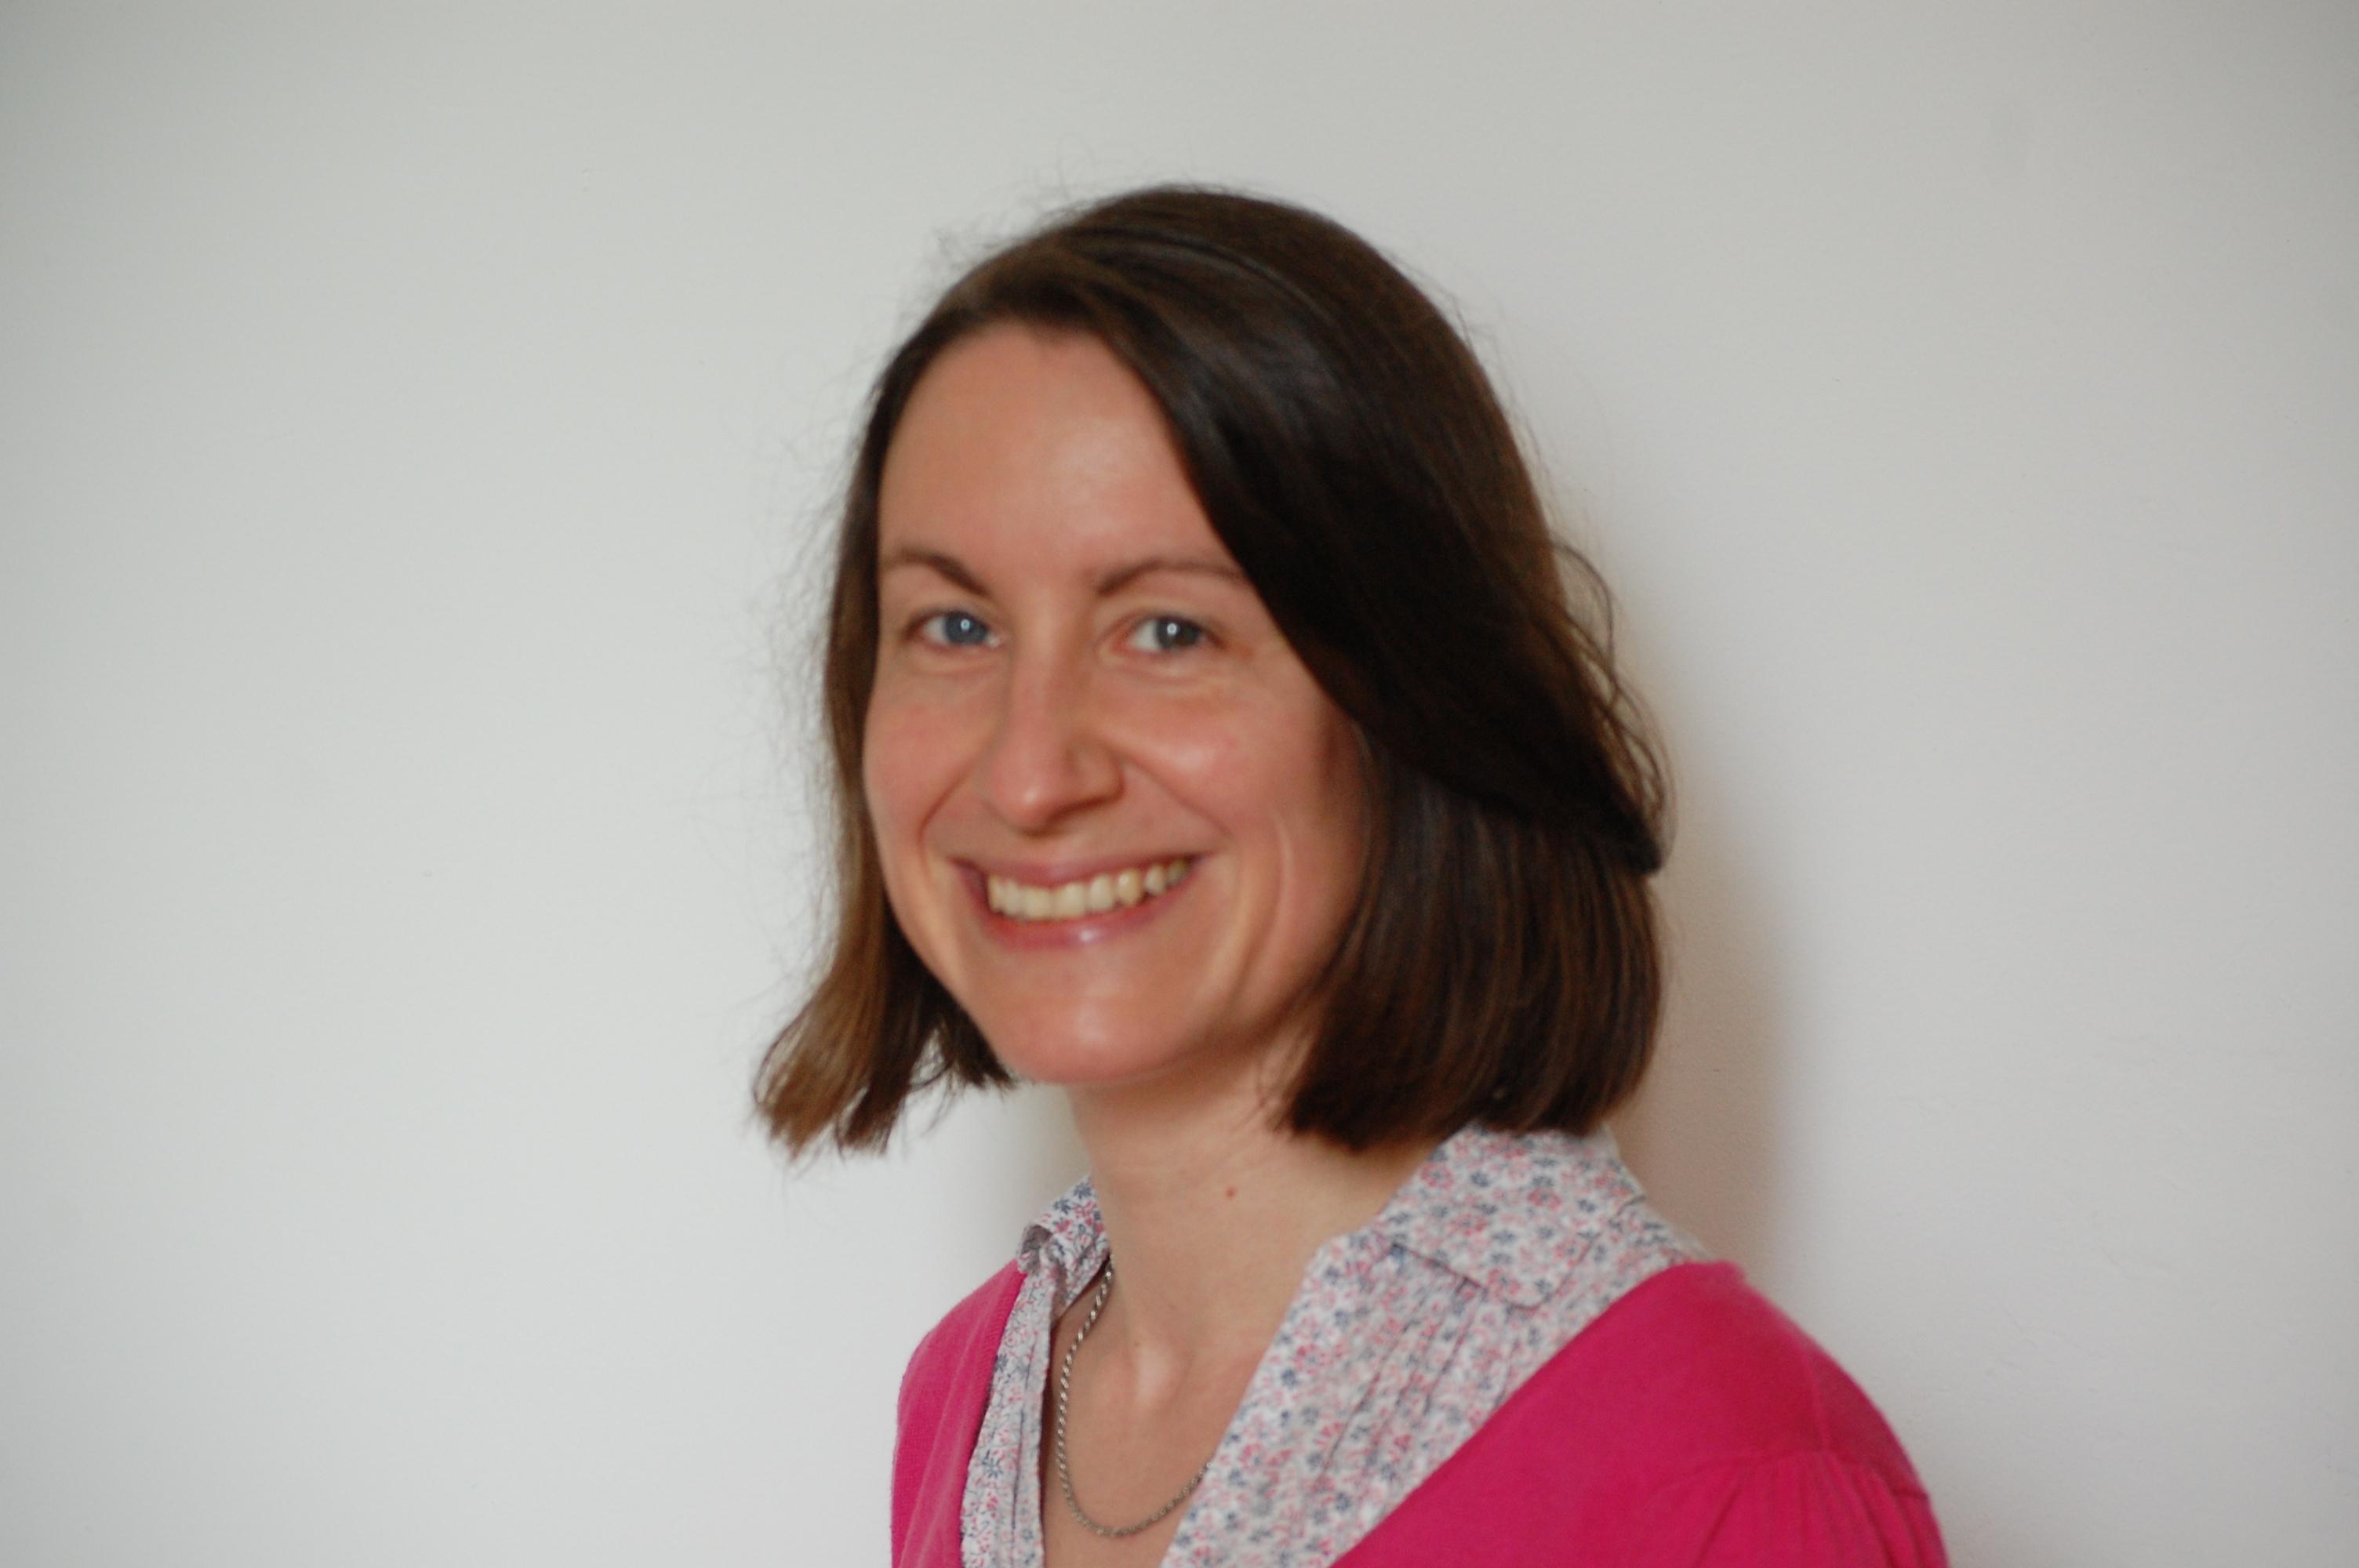 Emma Wagstaff